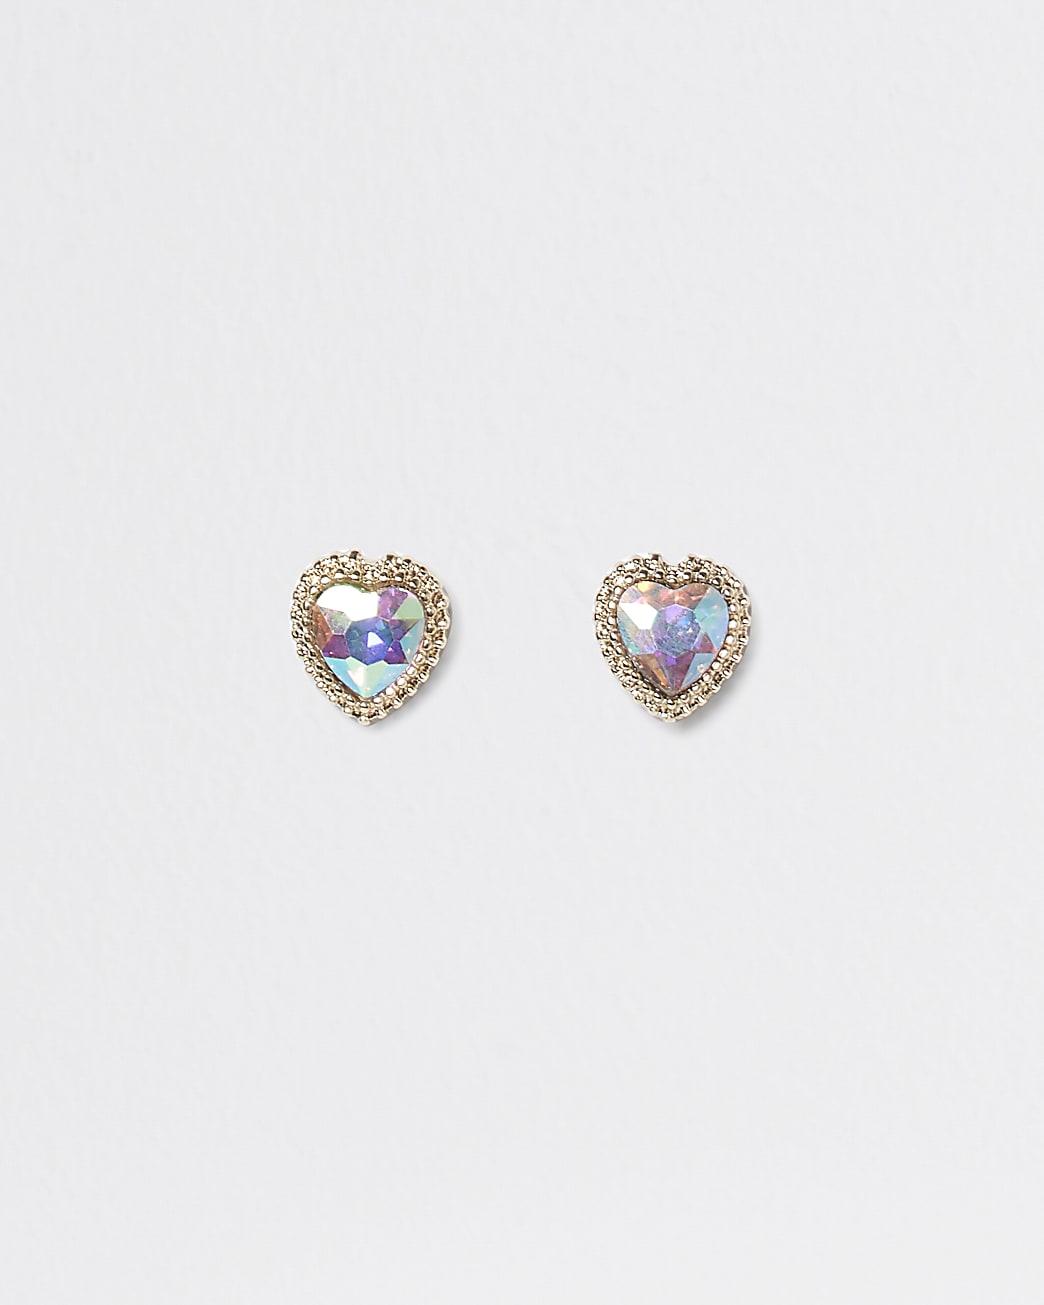 Gold stone heart stud earrings